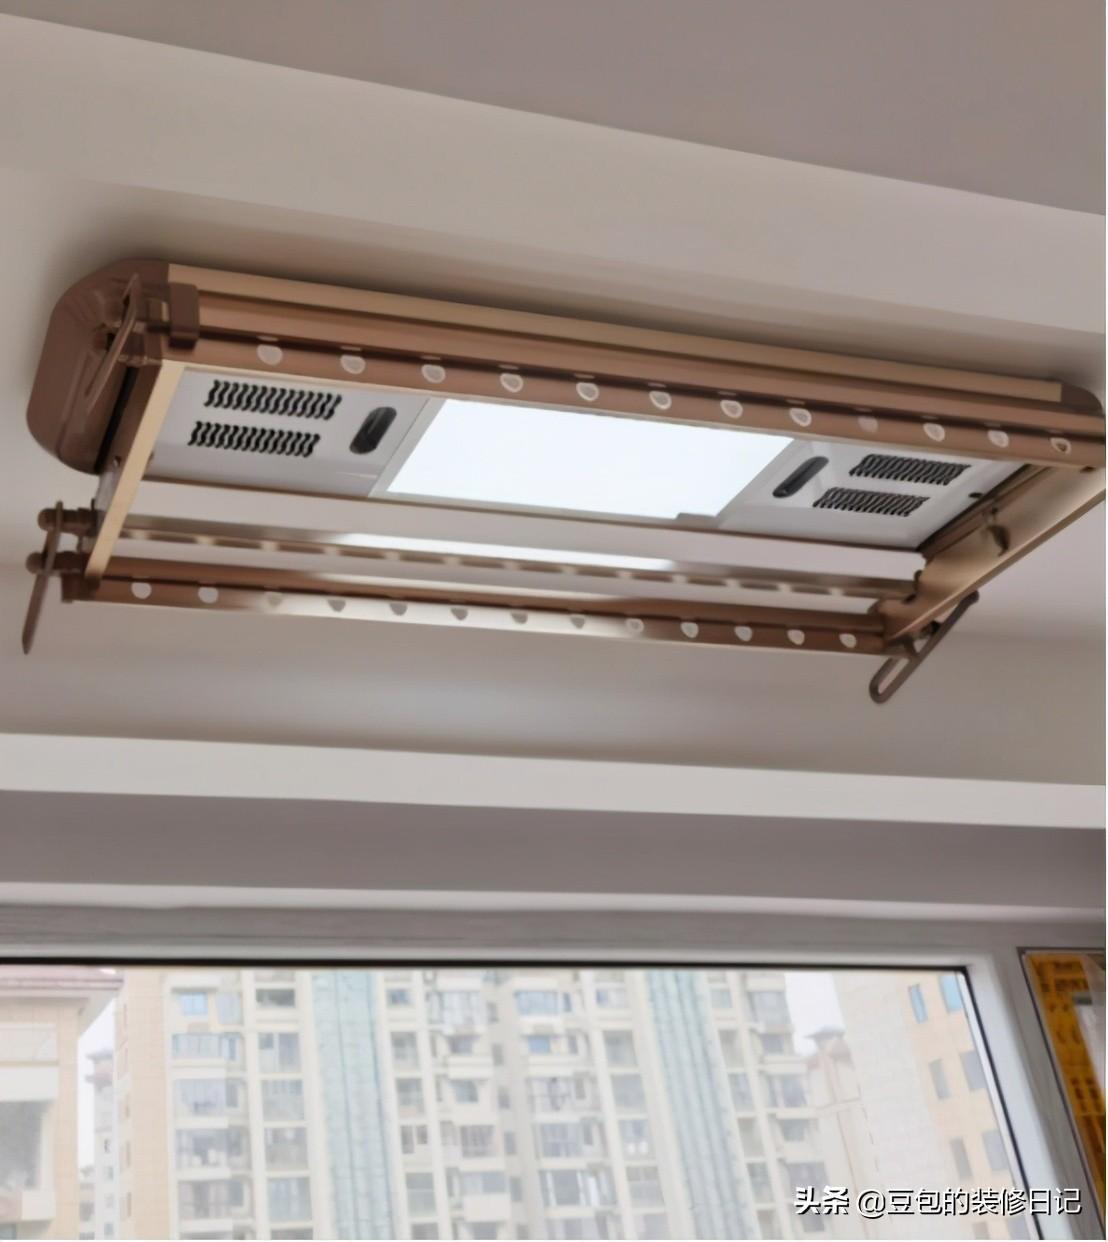 阳台装修安装电动晾衣架有必要吗?先看看优缺点,再决定是否安装